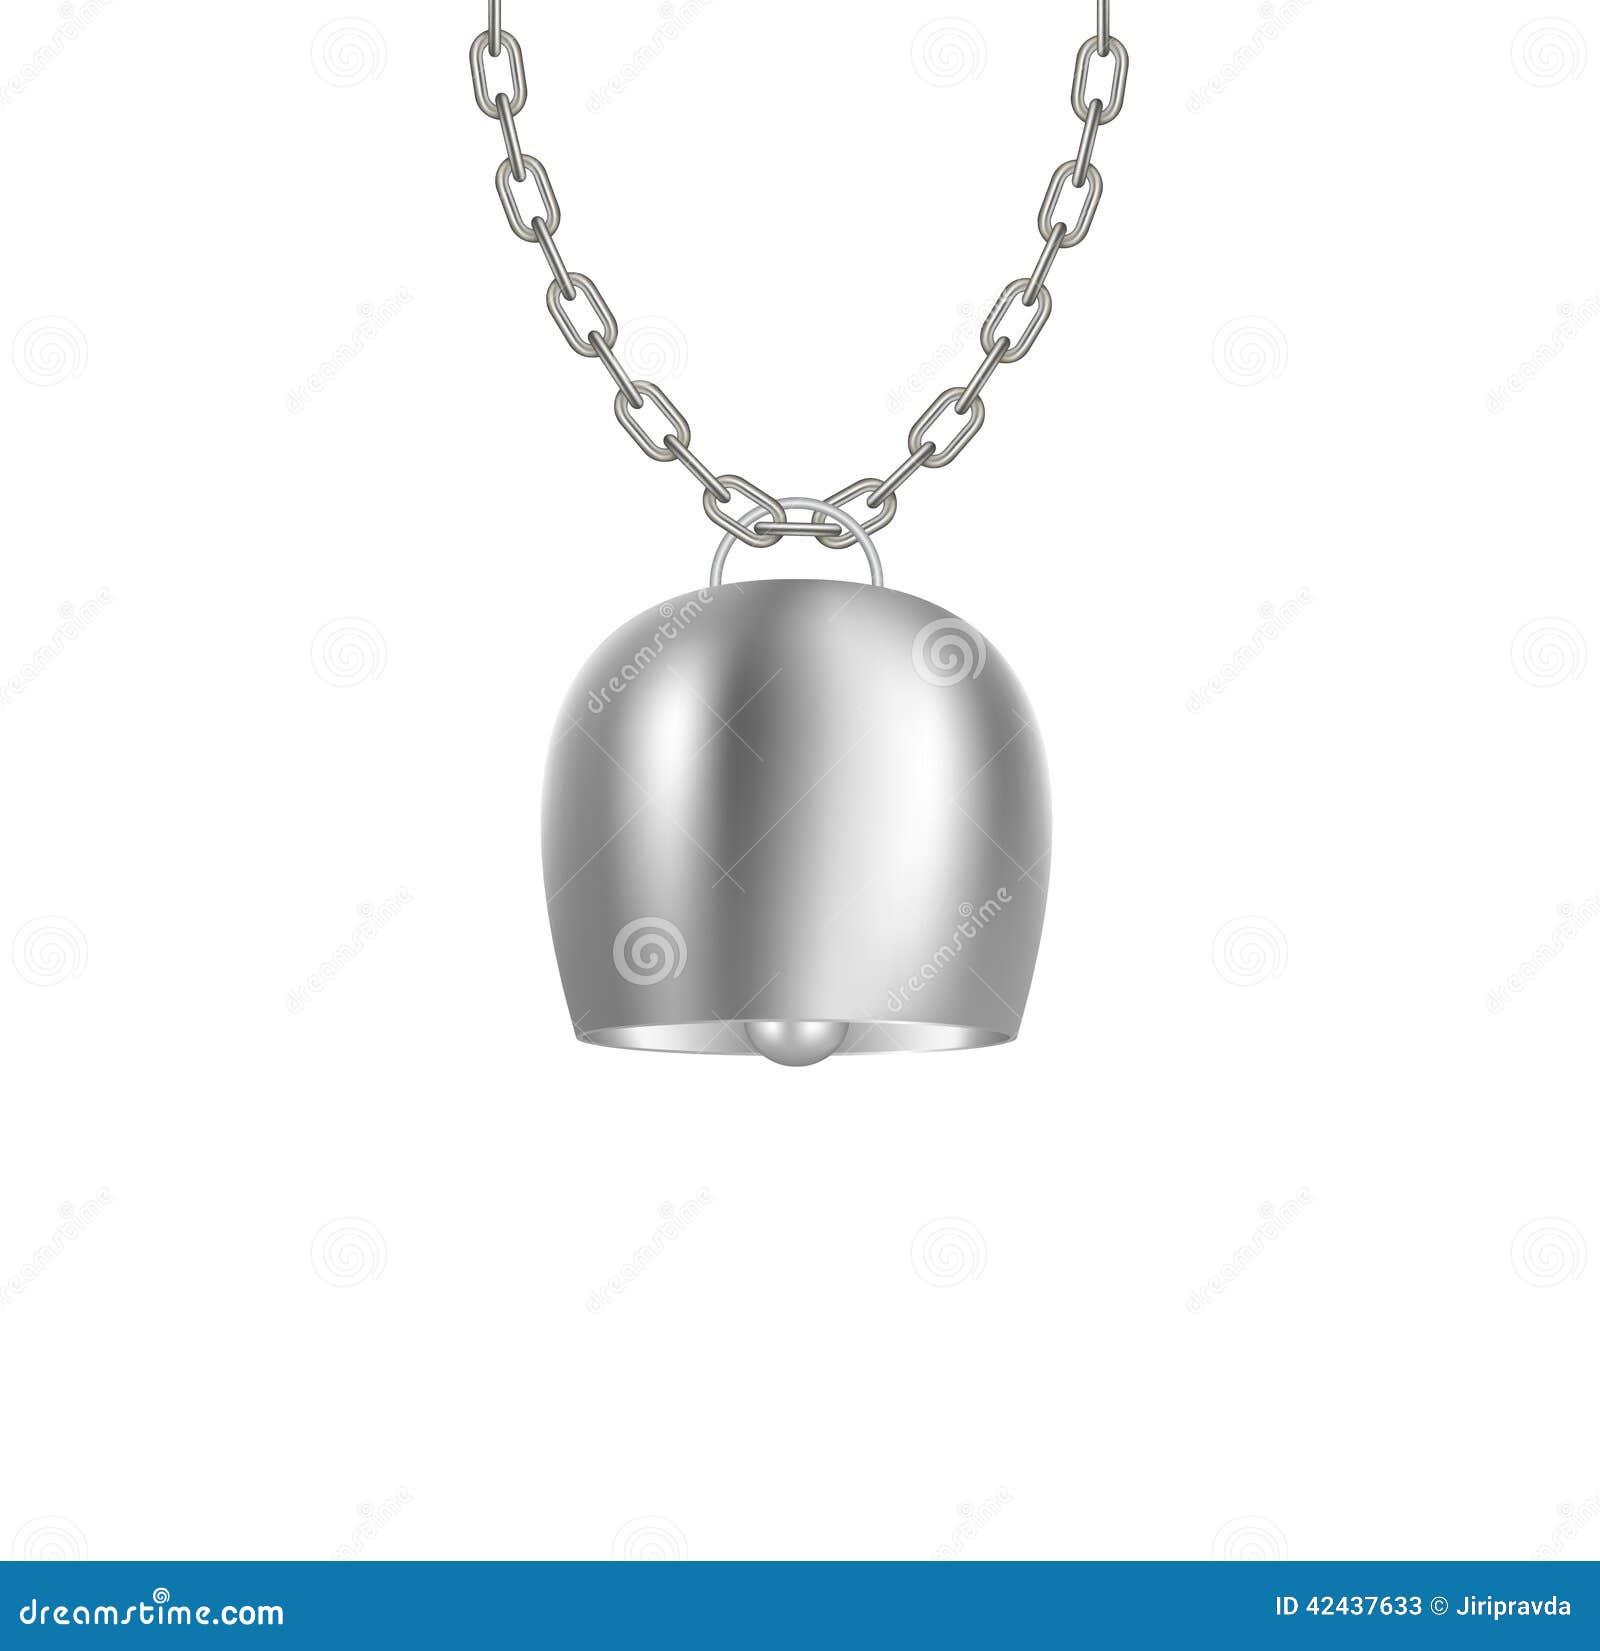 Ejecución del cencerro en la cadena de plata